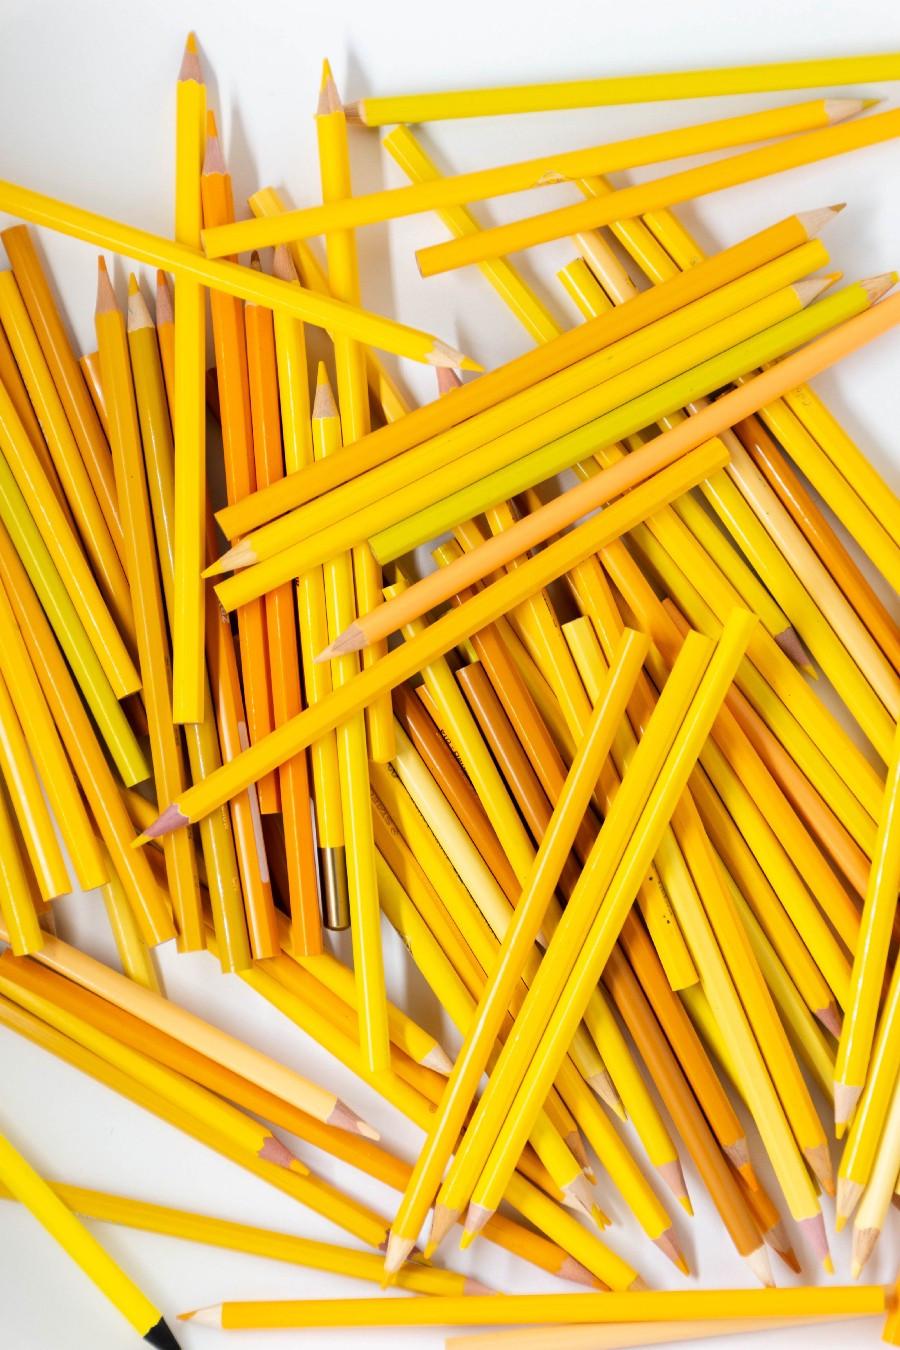 dozens of yellow pencils